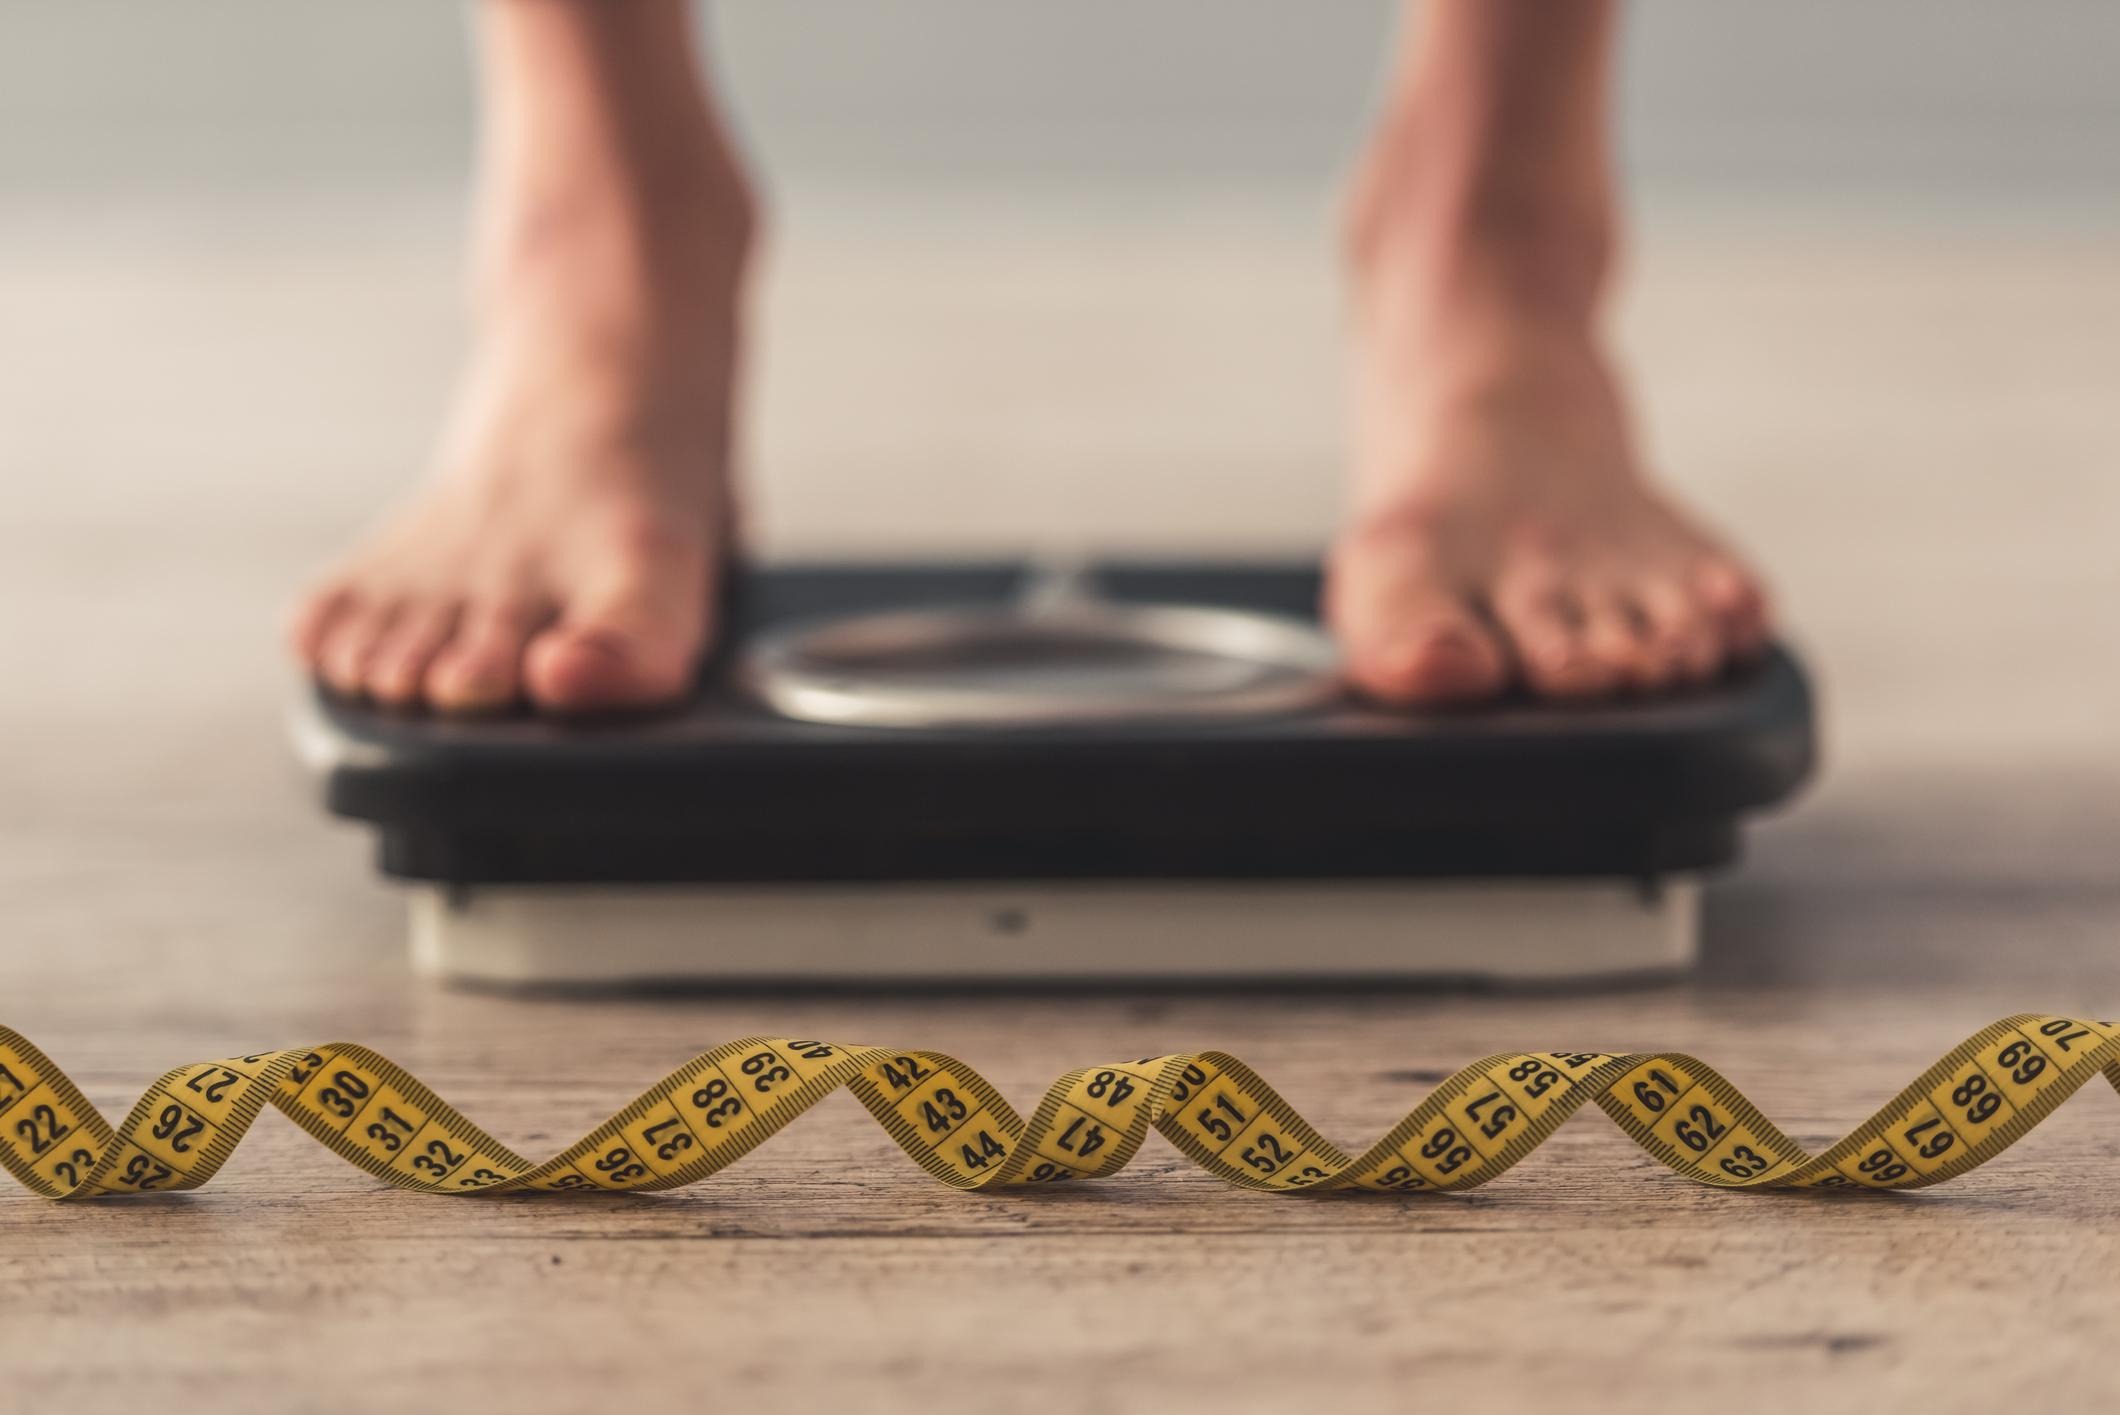 pierderea de inci mai mult decât pierderea în greutate)